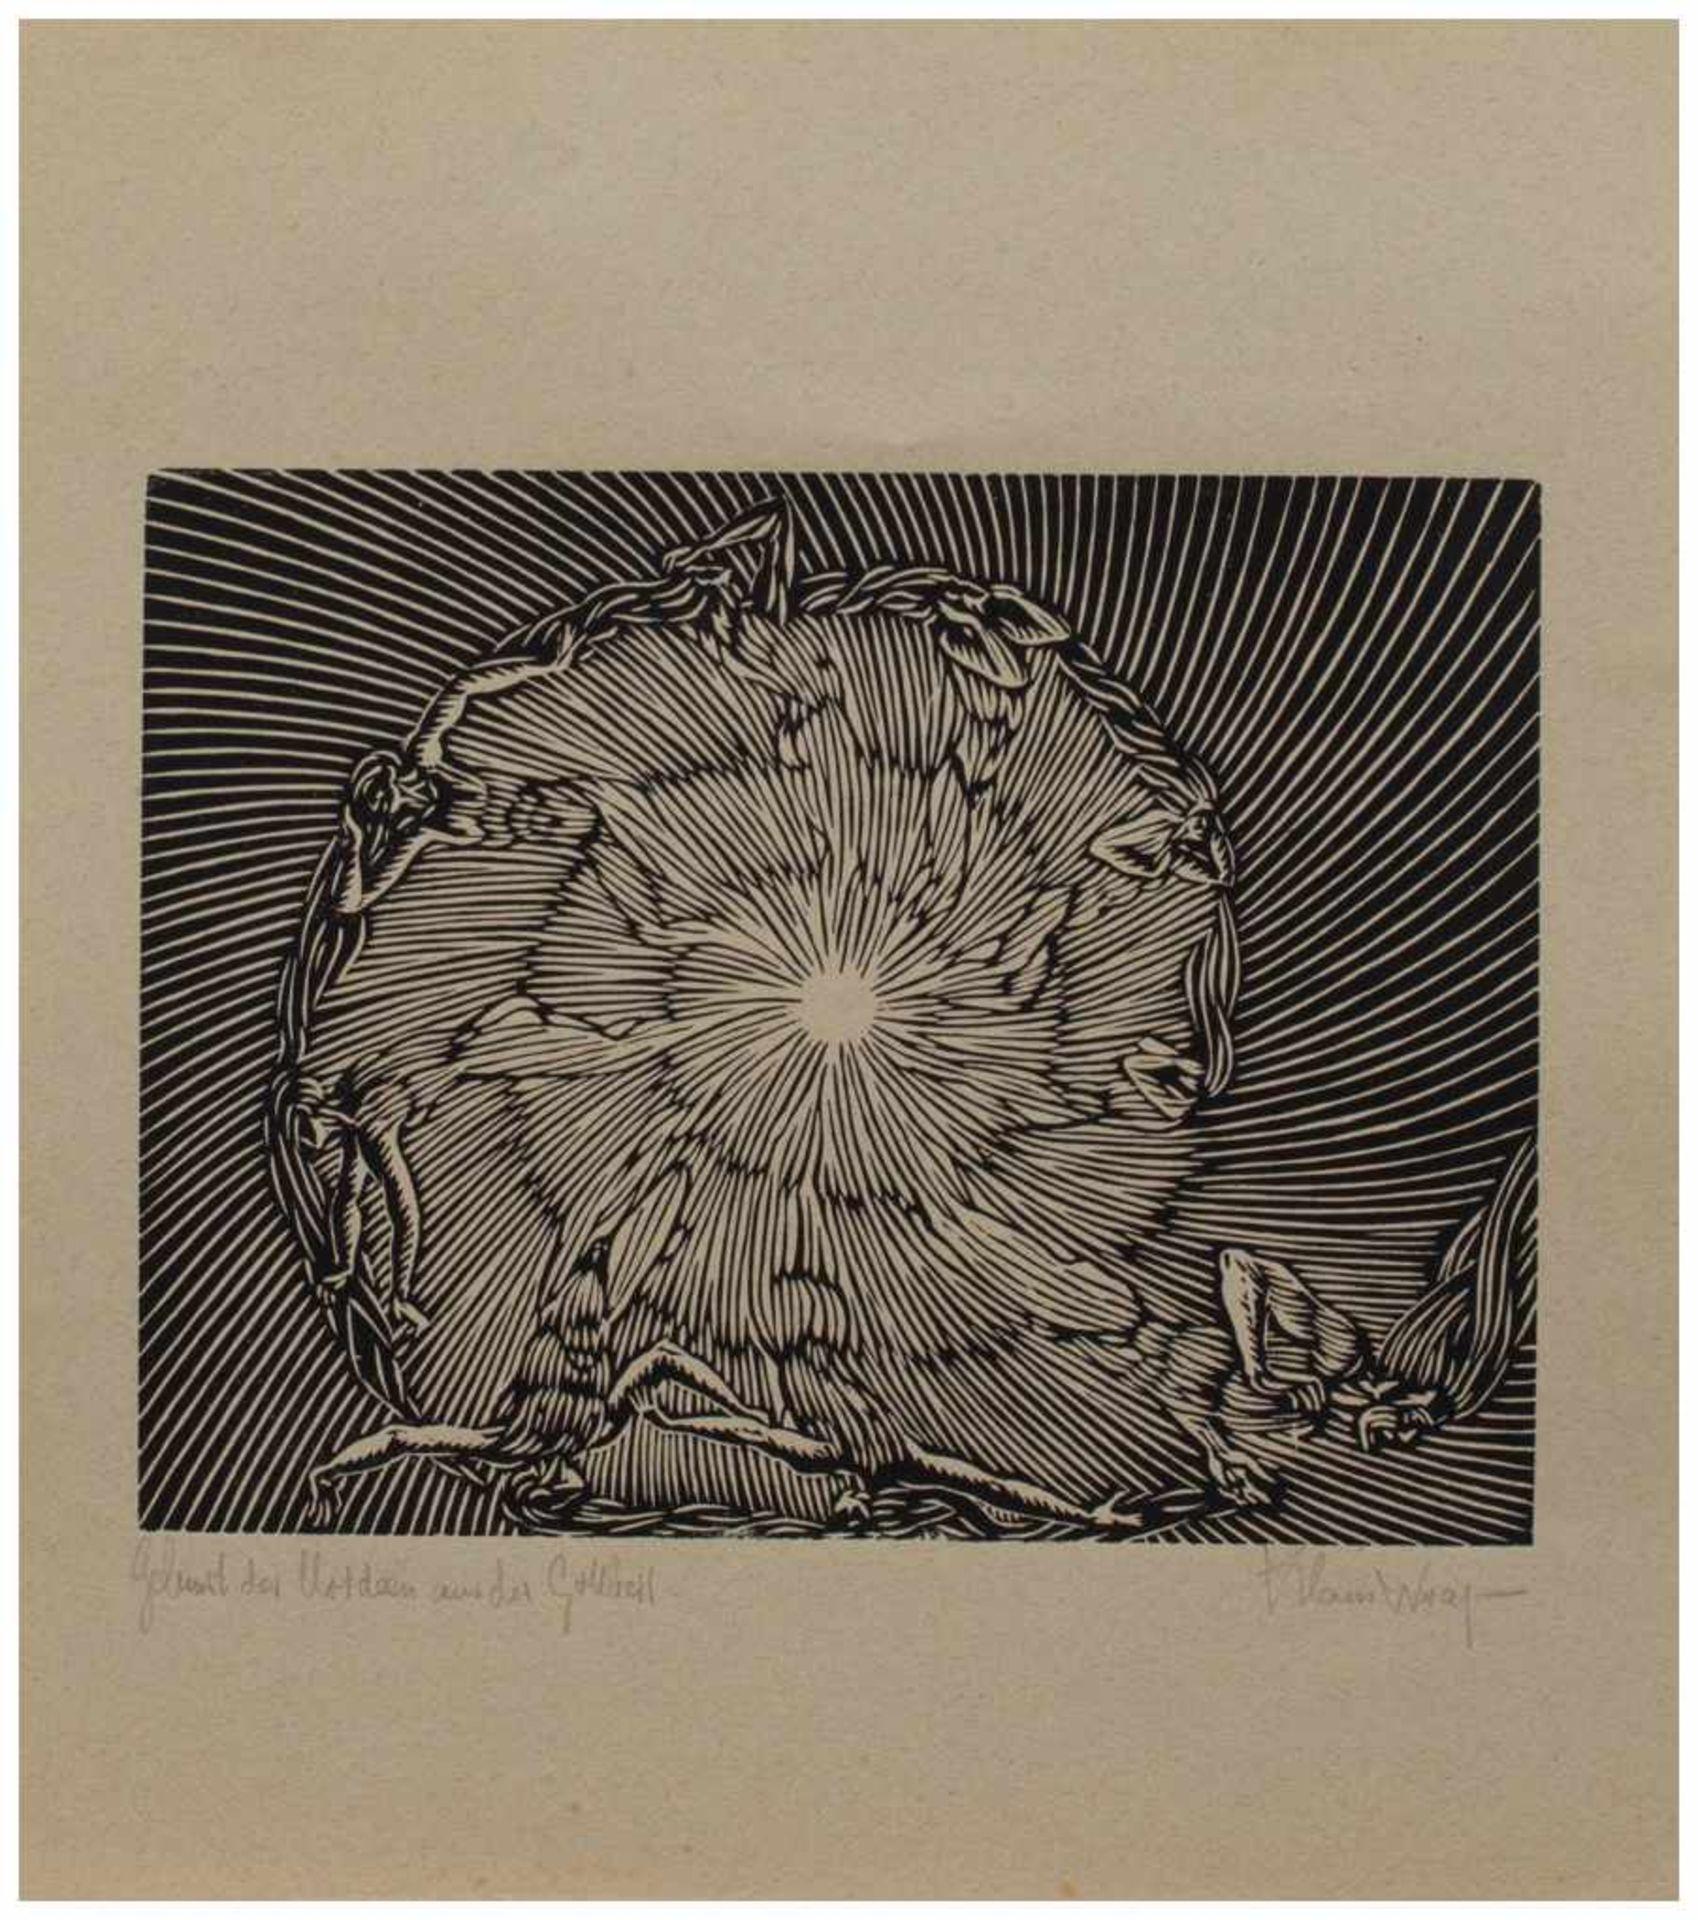 Los 13 - Klaus Wrage (Malente-Gremsmühlen 1891 - 1984 Eutin-Fissau, deutscher Maler u. Grafiker, entstammt